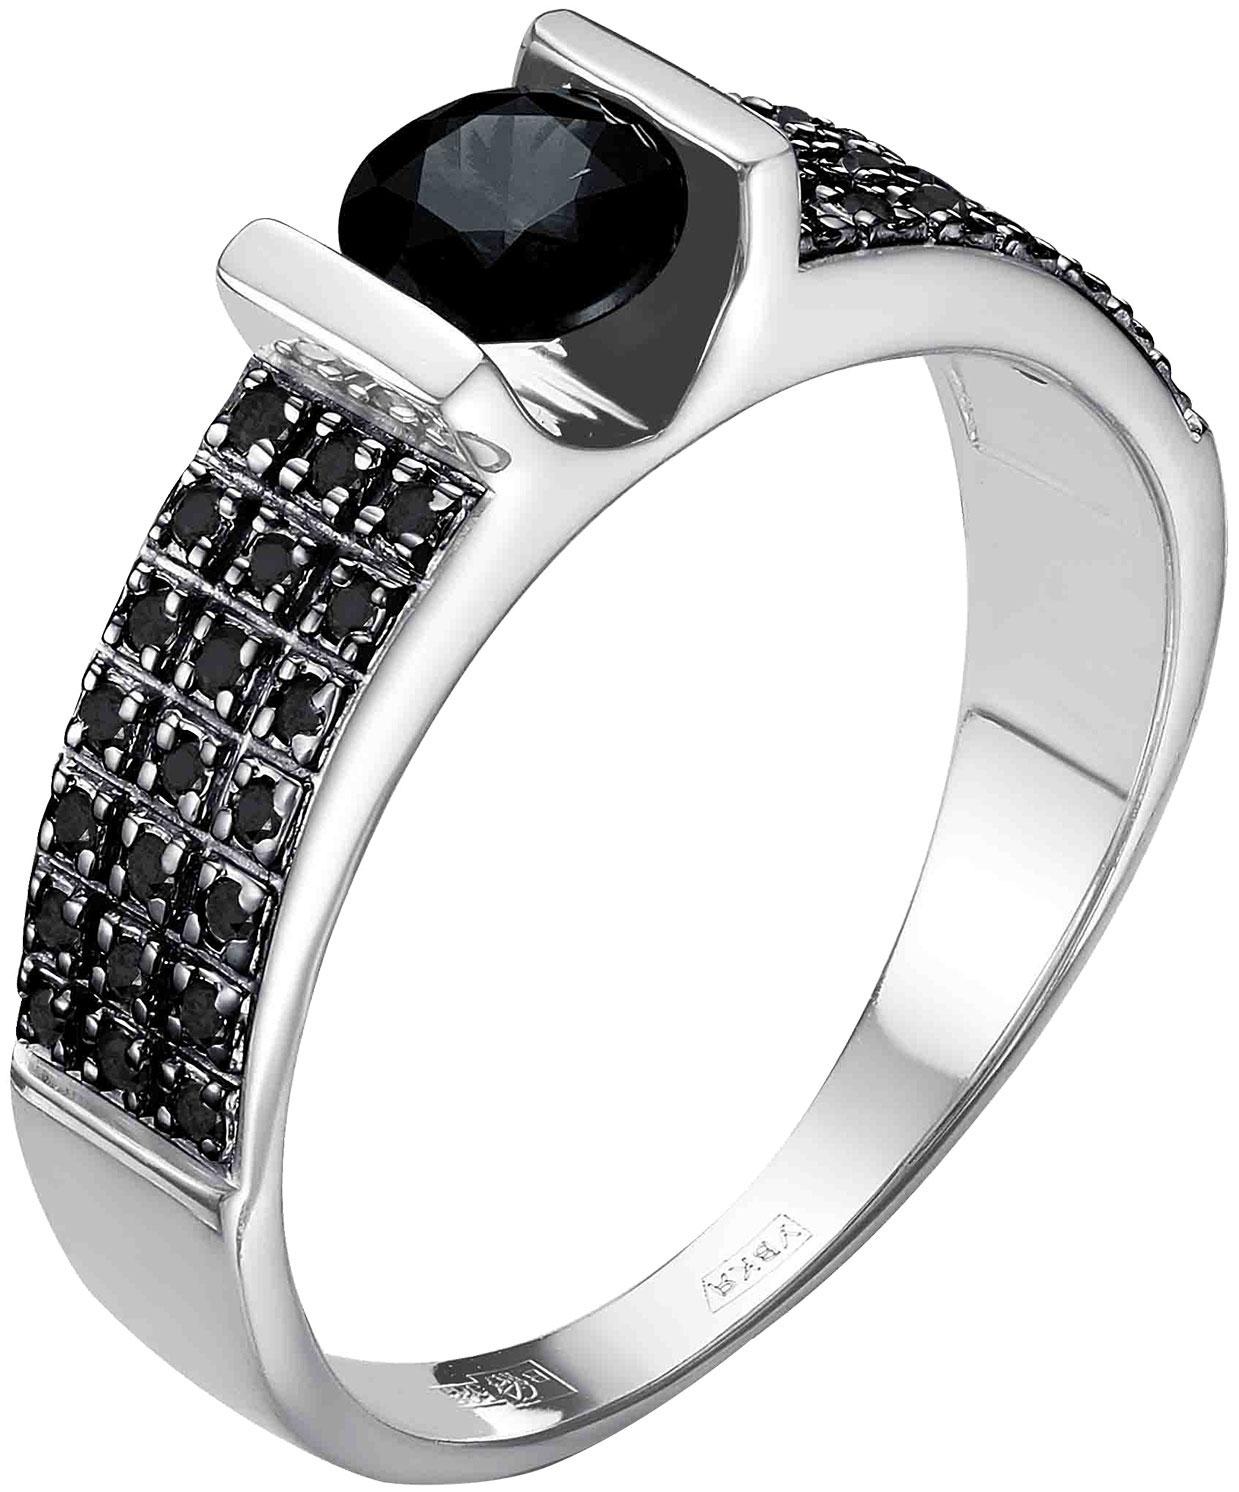 Золотые кольца Кольца Vesna jewelry 1488-256-02-00 фото